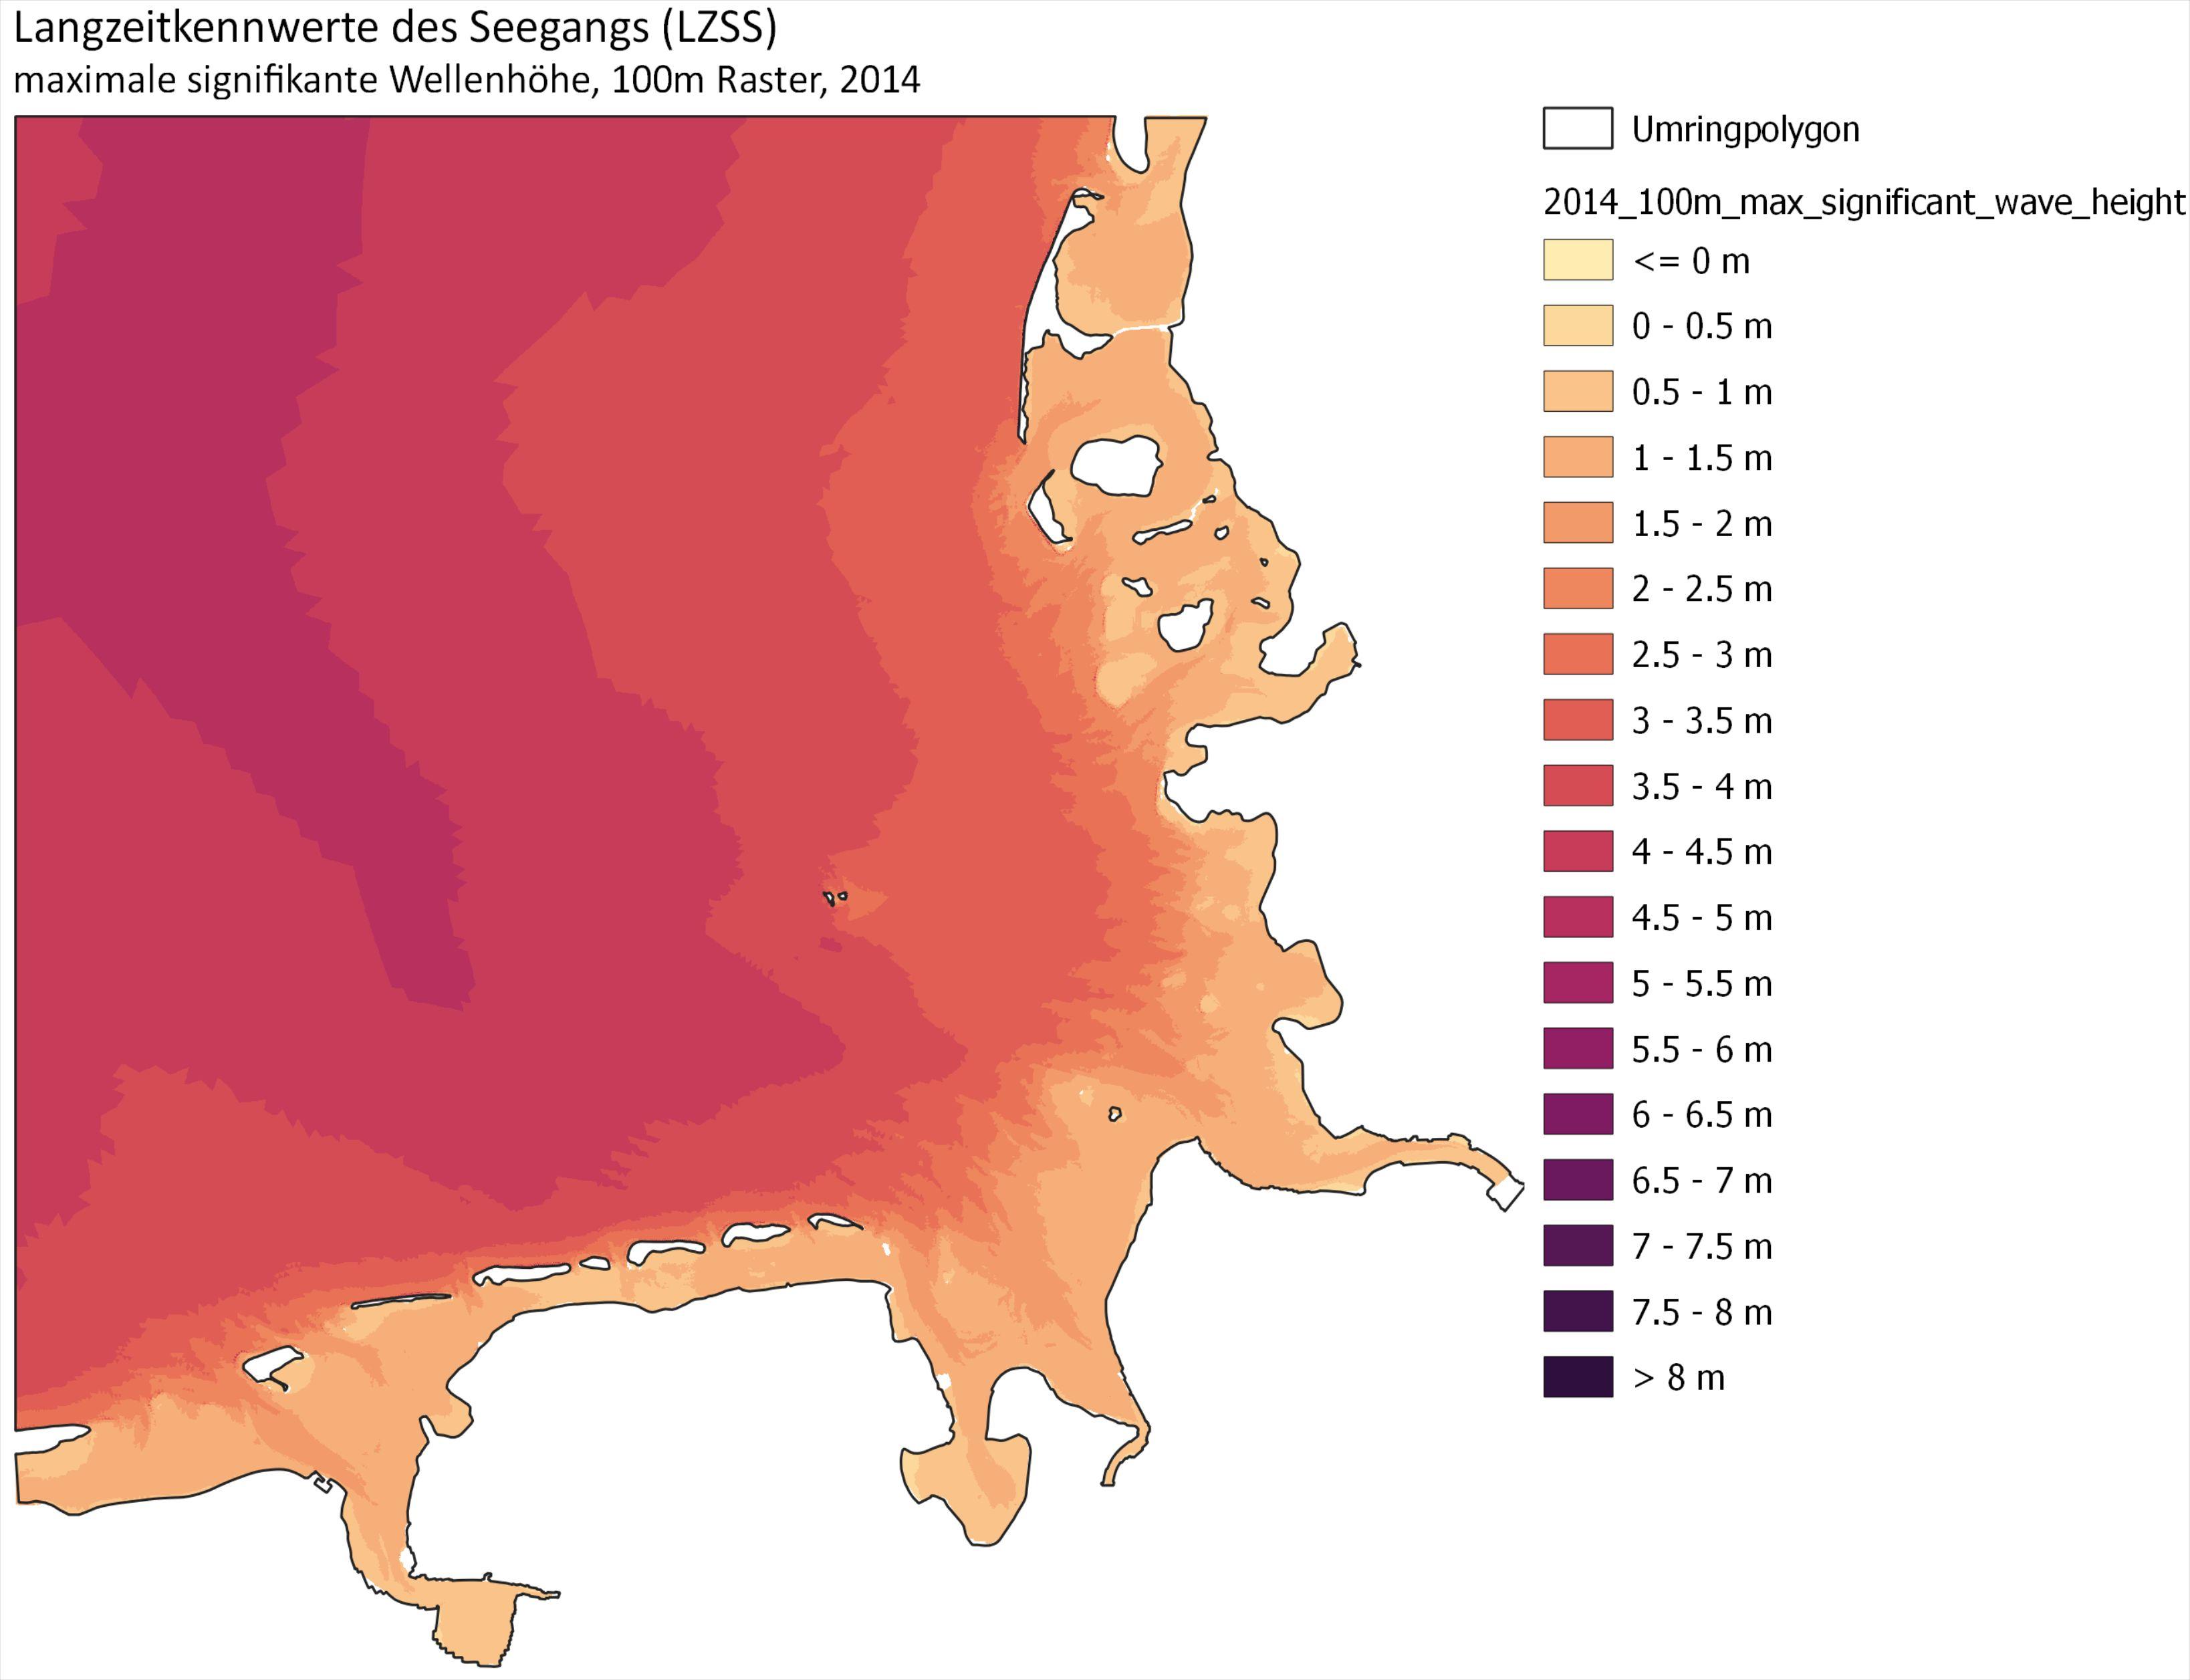 Beispiel: maximale signifikante Wellenhöhe für das Jahr 2014